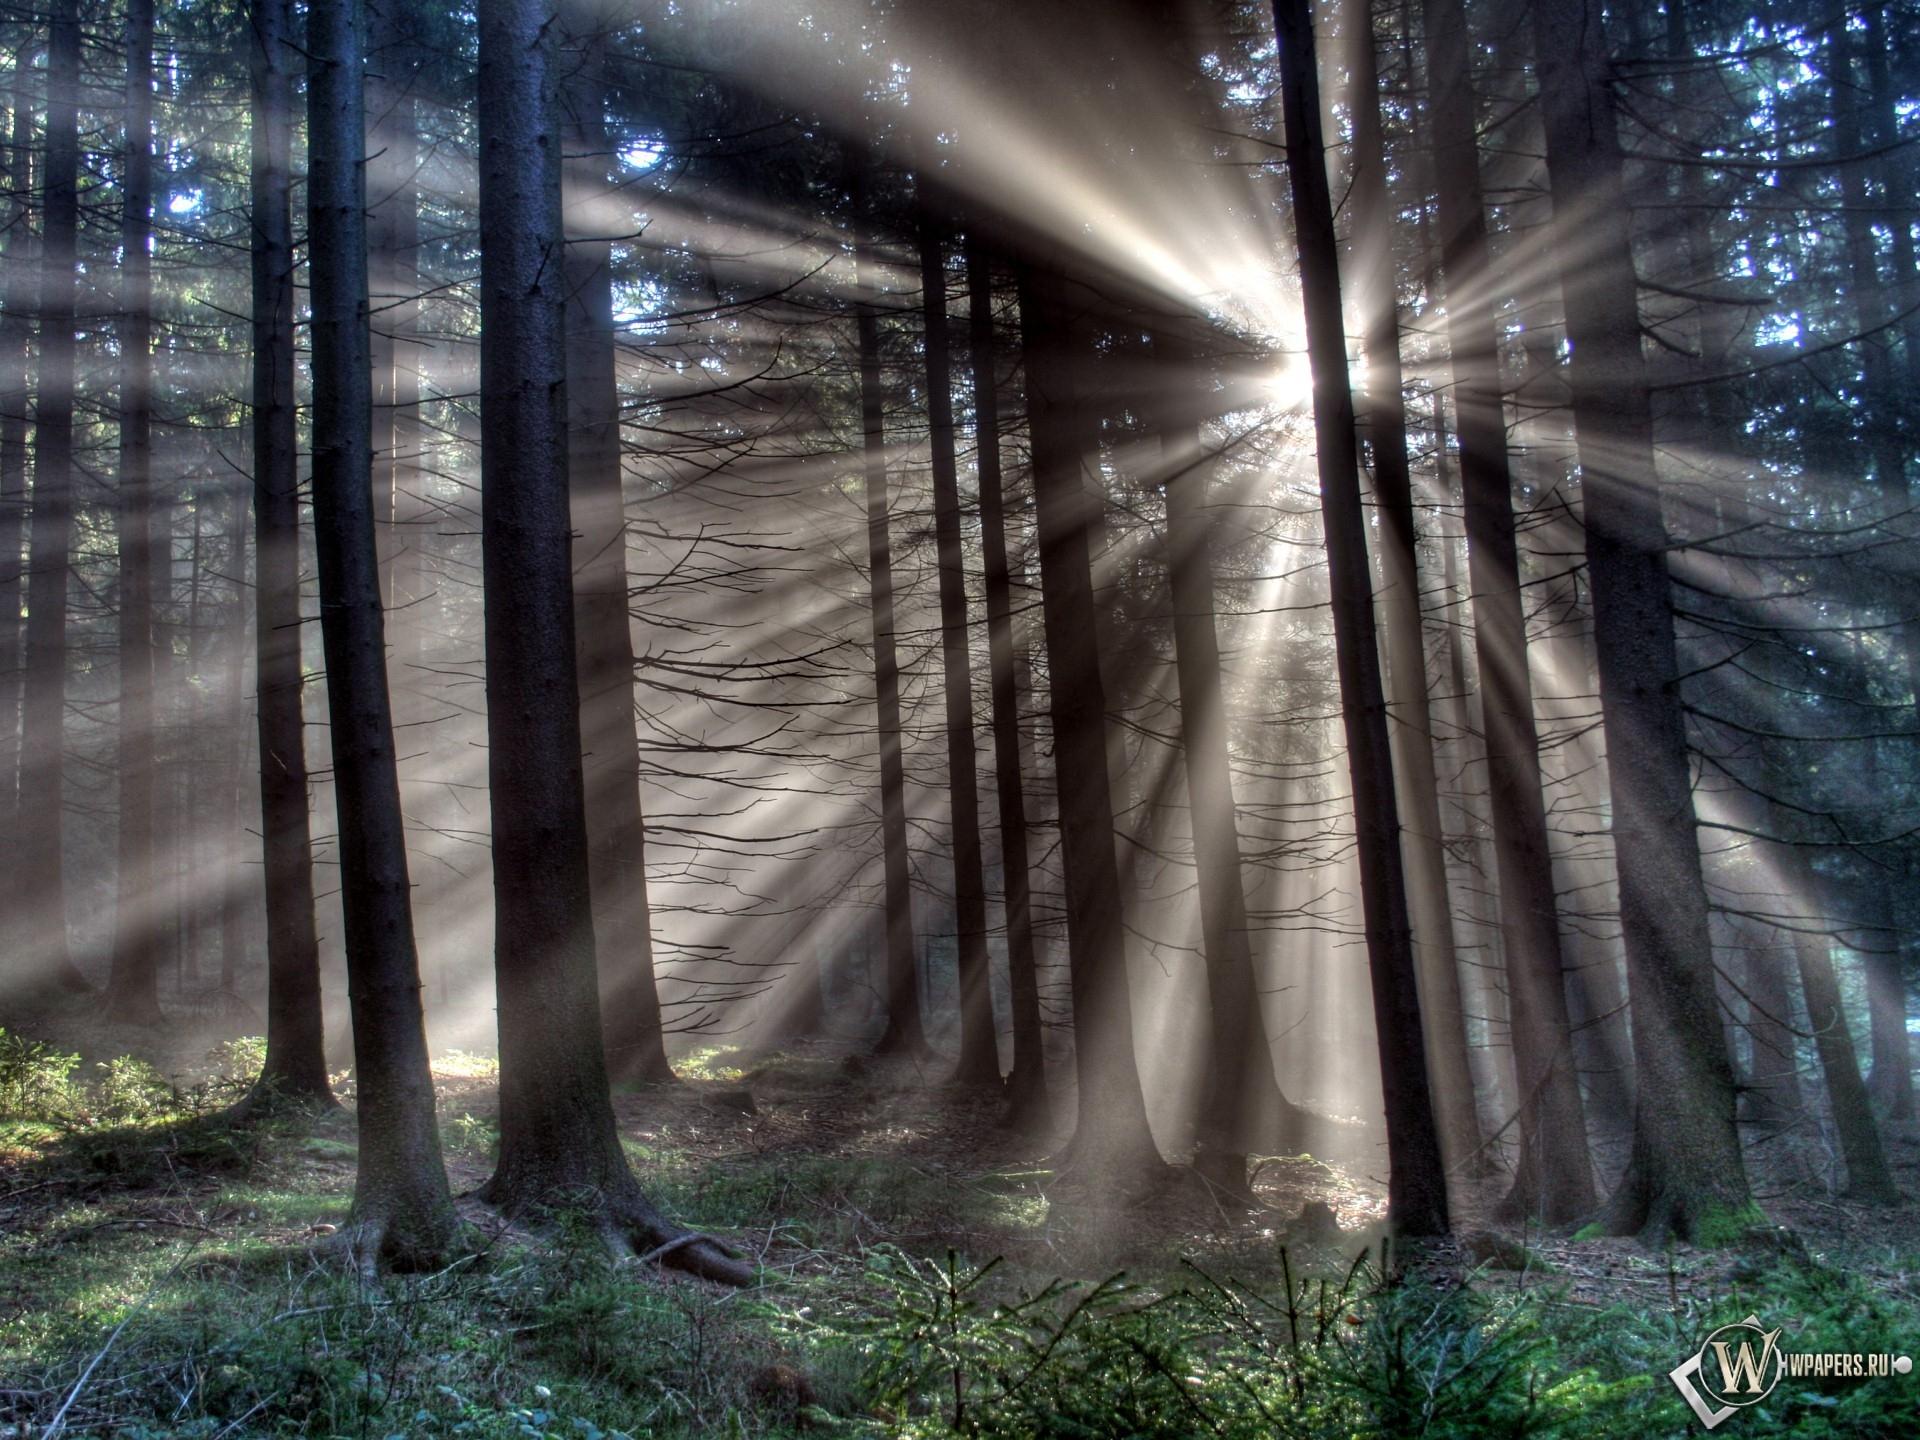 Сумеречный лес 1920x1440